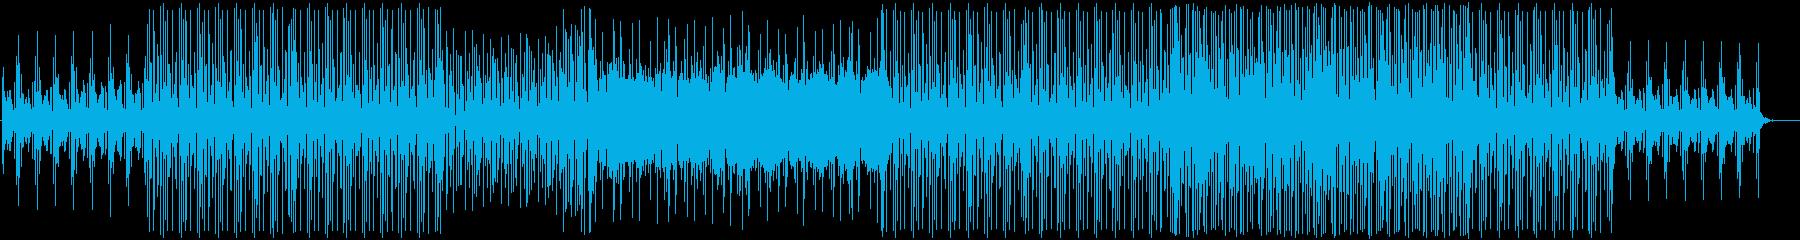 チル-Lo-Fi-ゆったり-動画-店舗の再生済みの波形